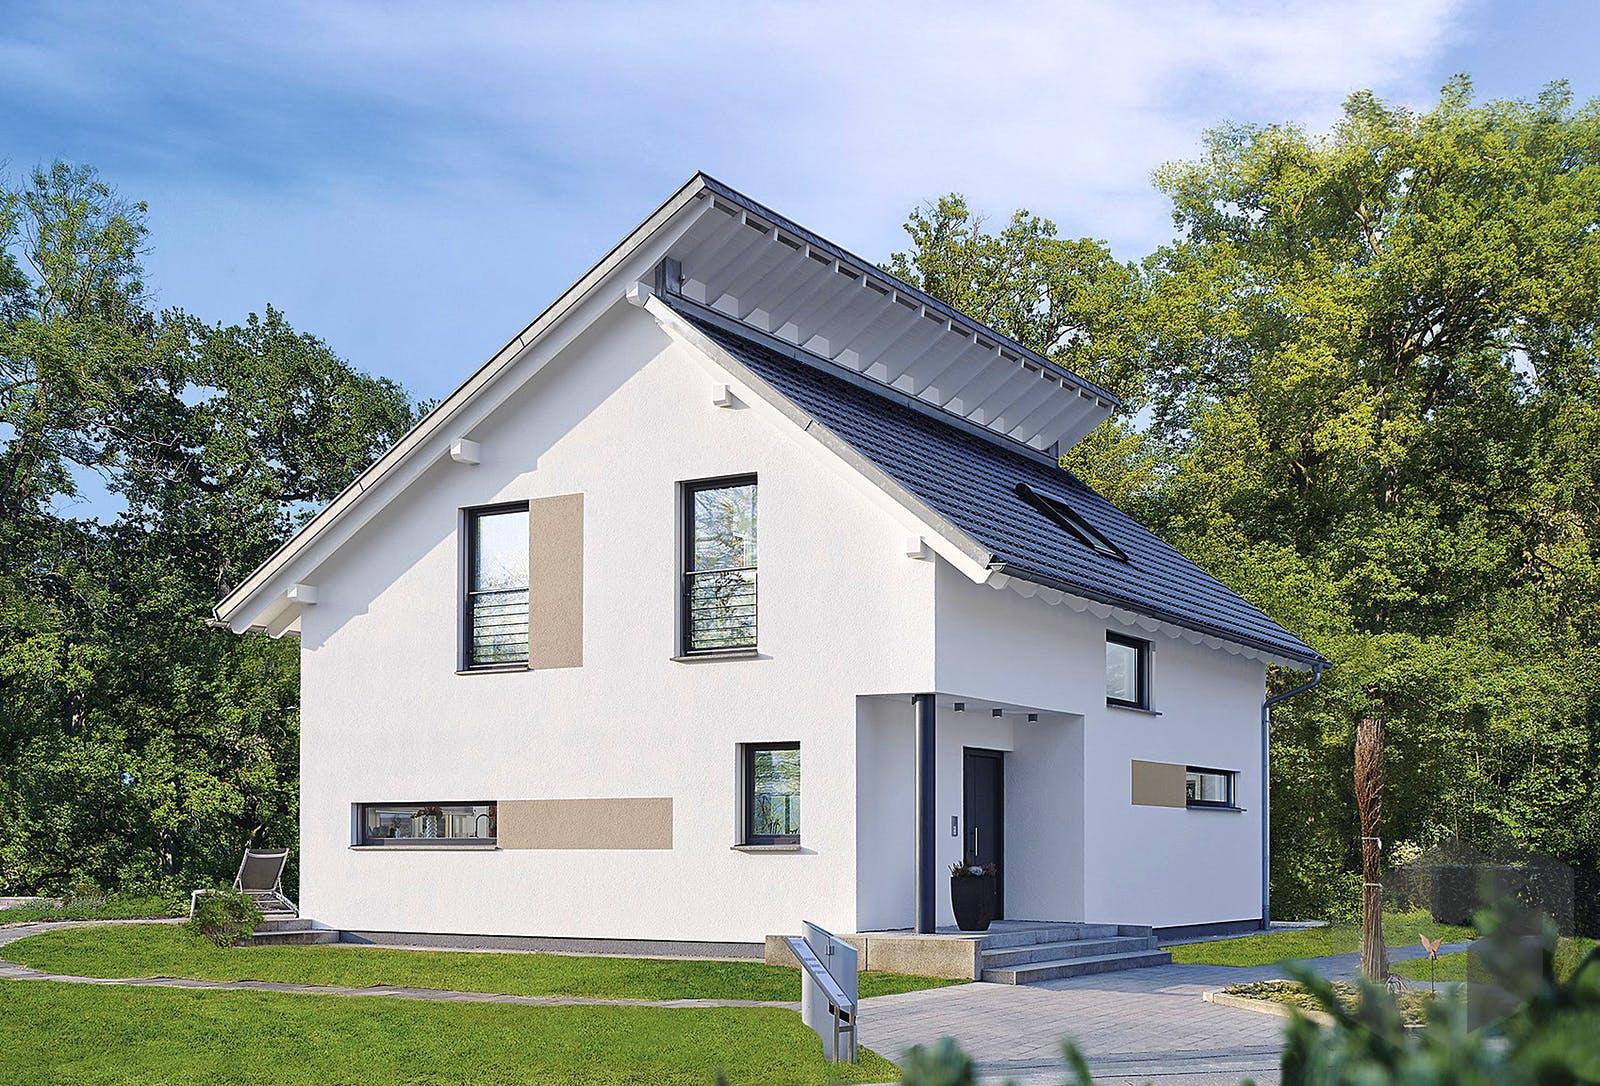 ausstellungshaus rheinau linx generation5 5 von weberhaus komplette daten bersicht. Black Bedroom Furniture Sets. Home Design Ideas